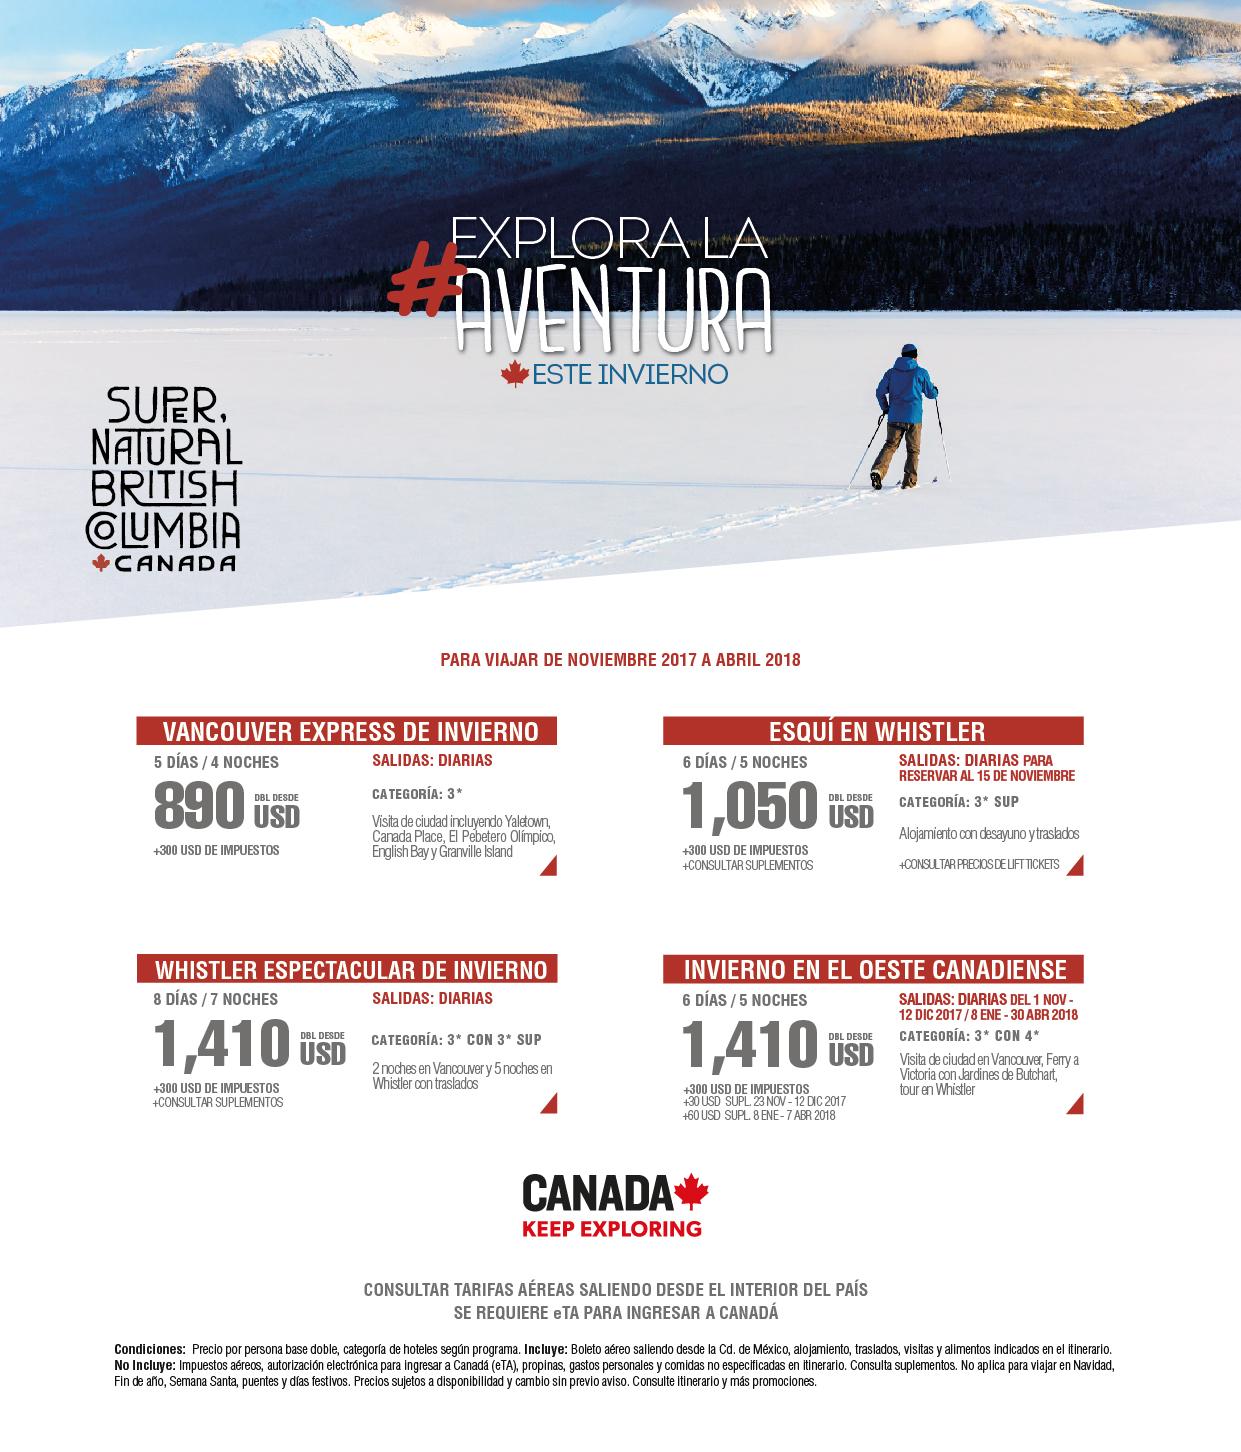 Moderno Reanudar Constructor Gratis Canada Patrón - Ejemplo De ...